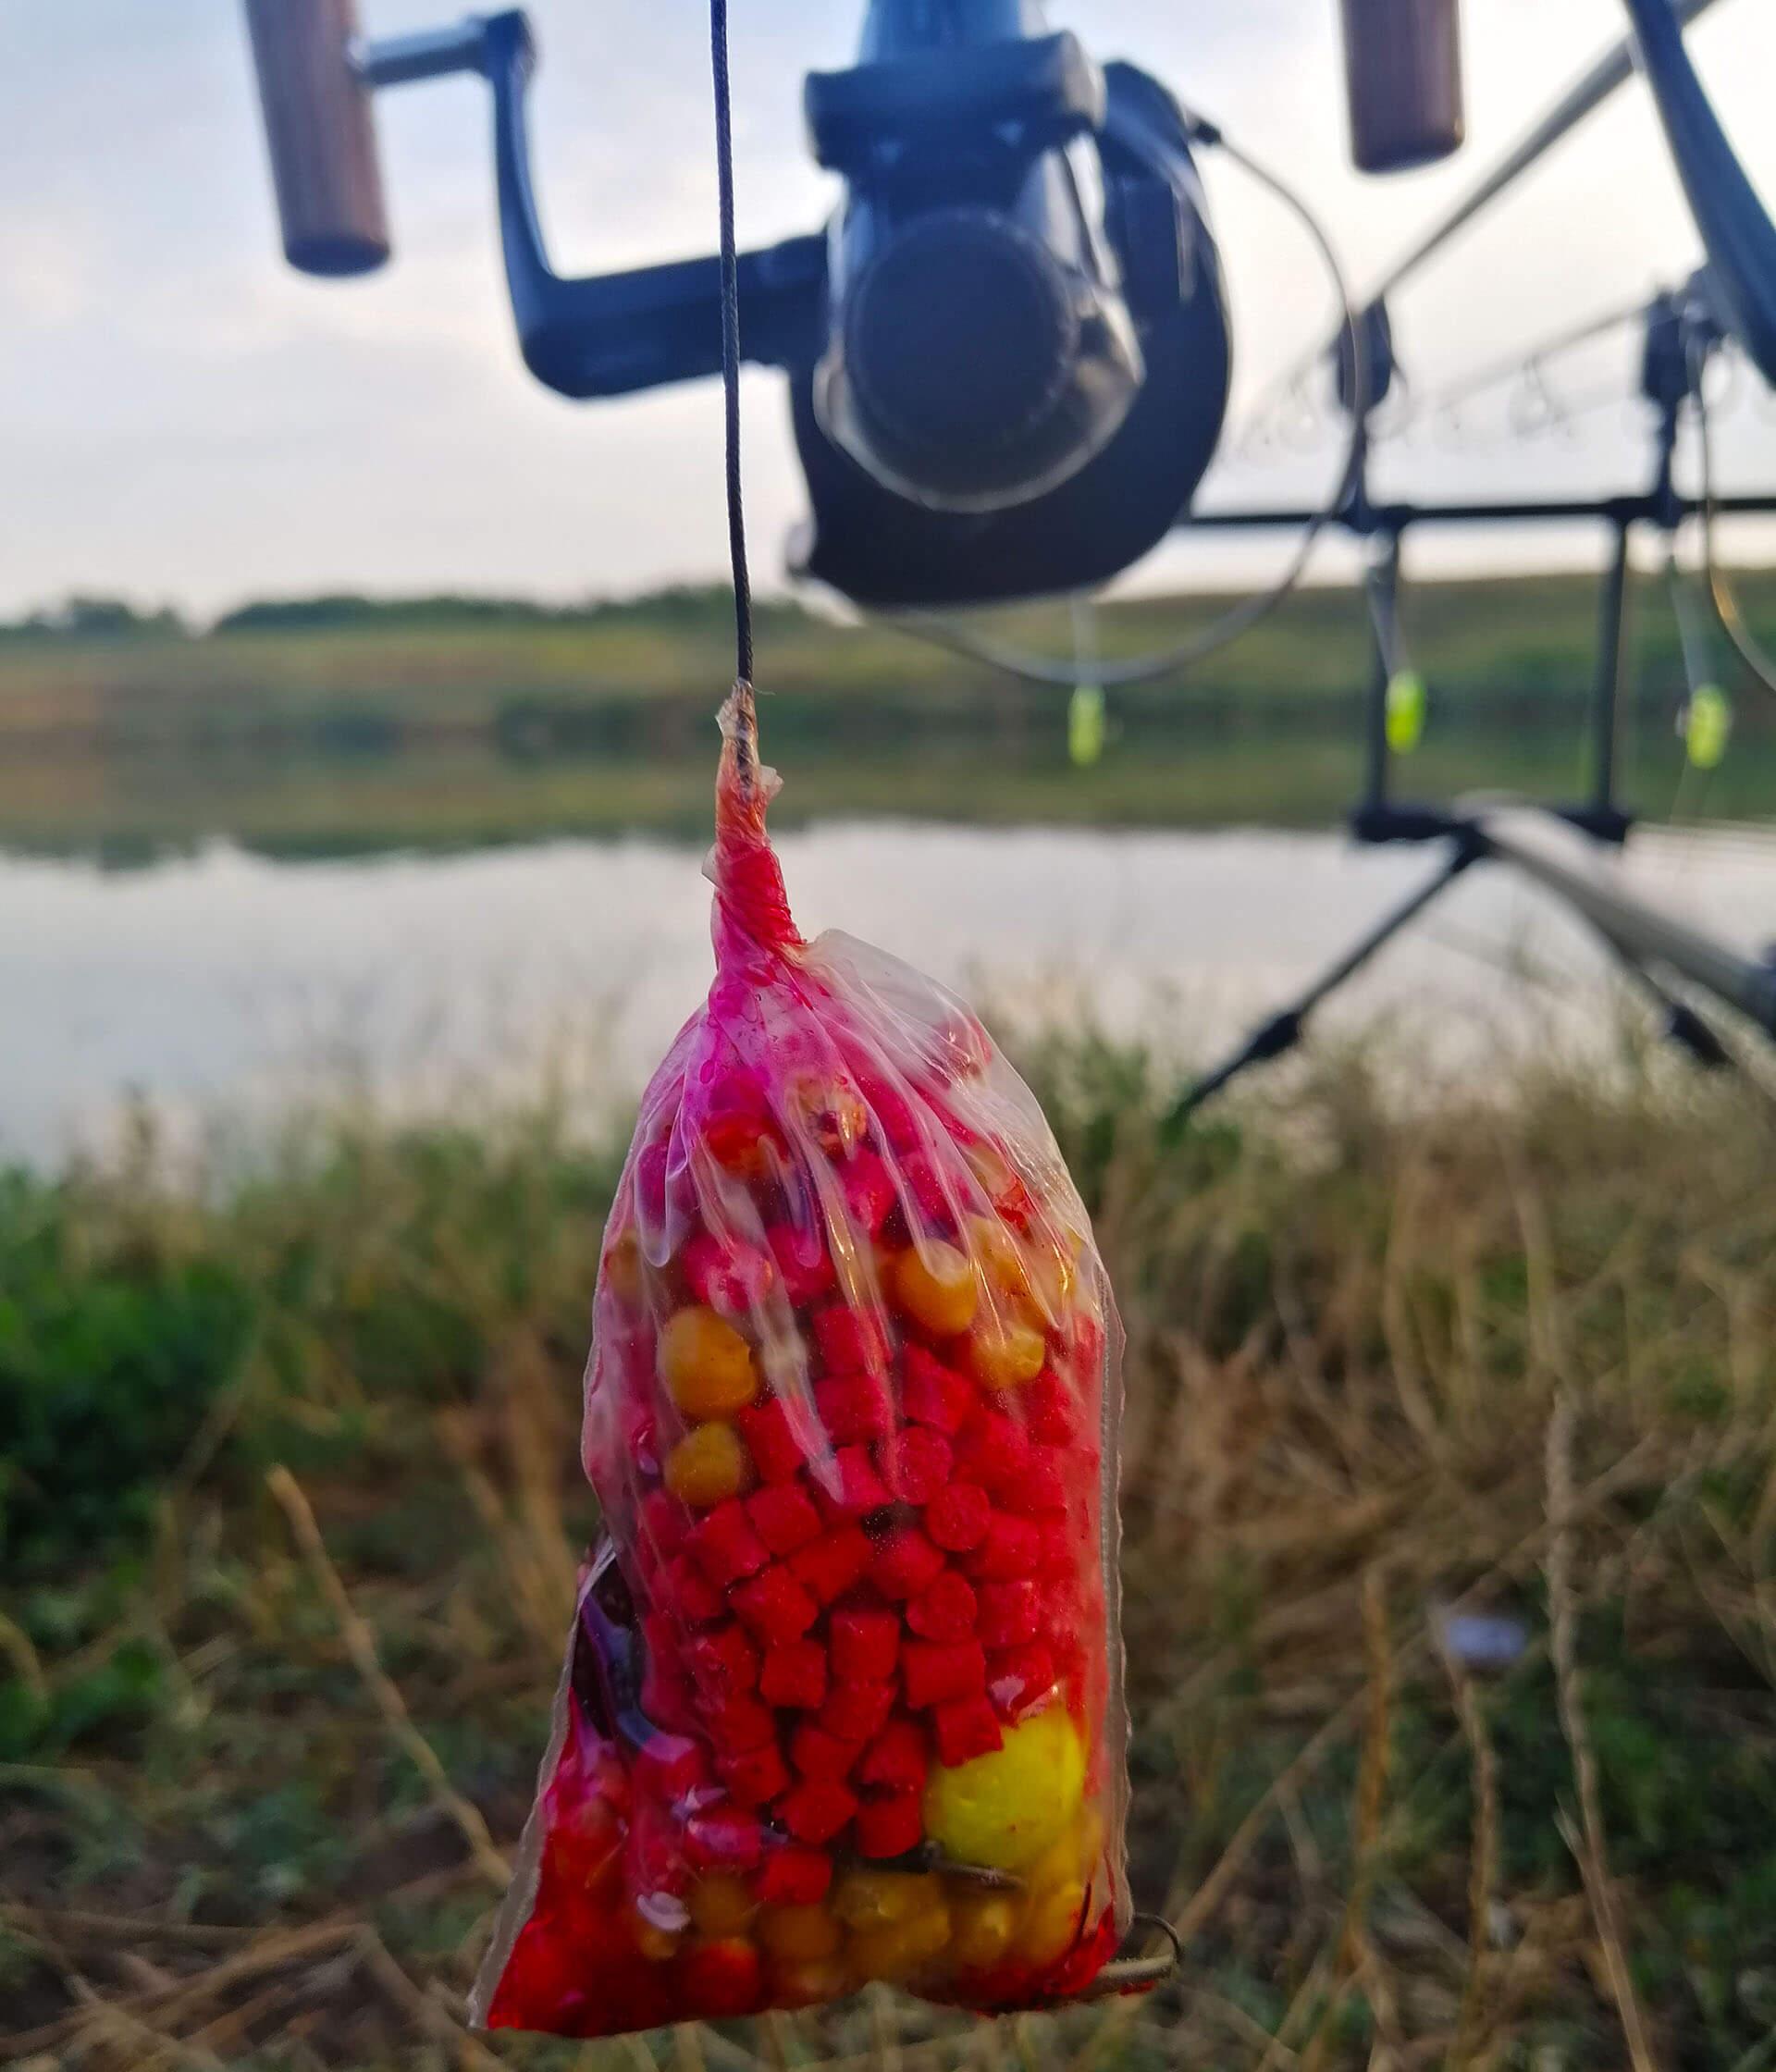 pescuit la crap cu punga solubila